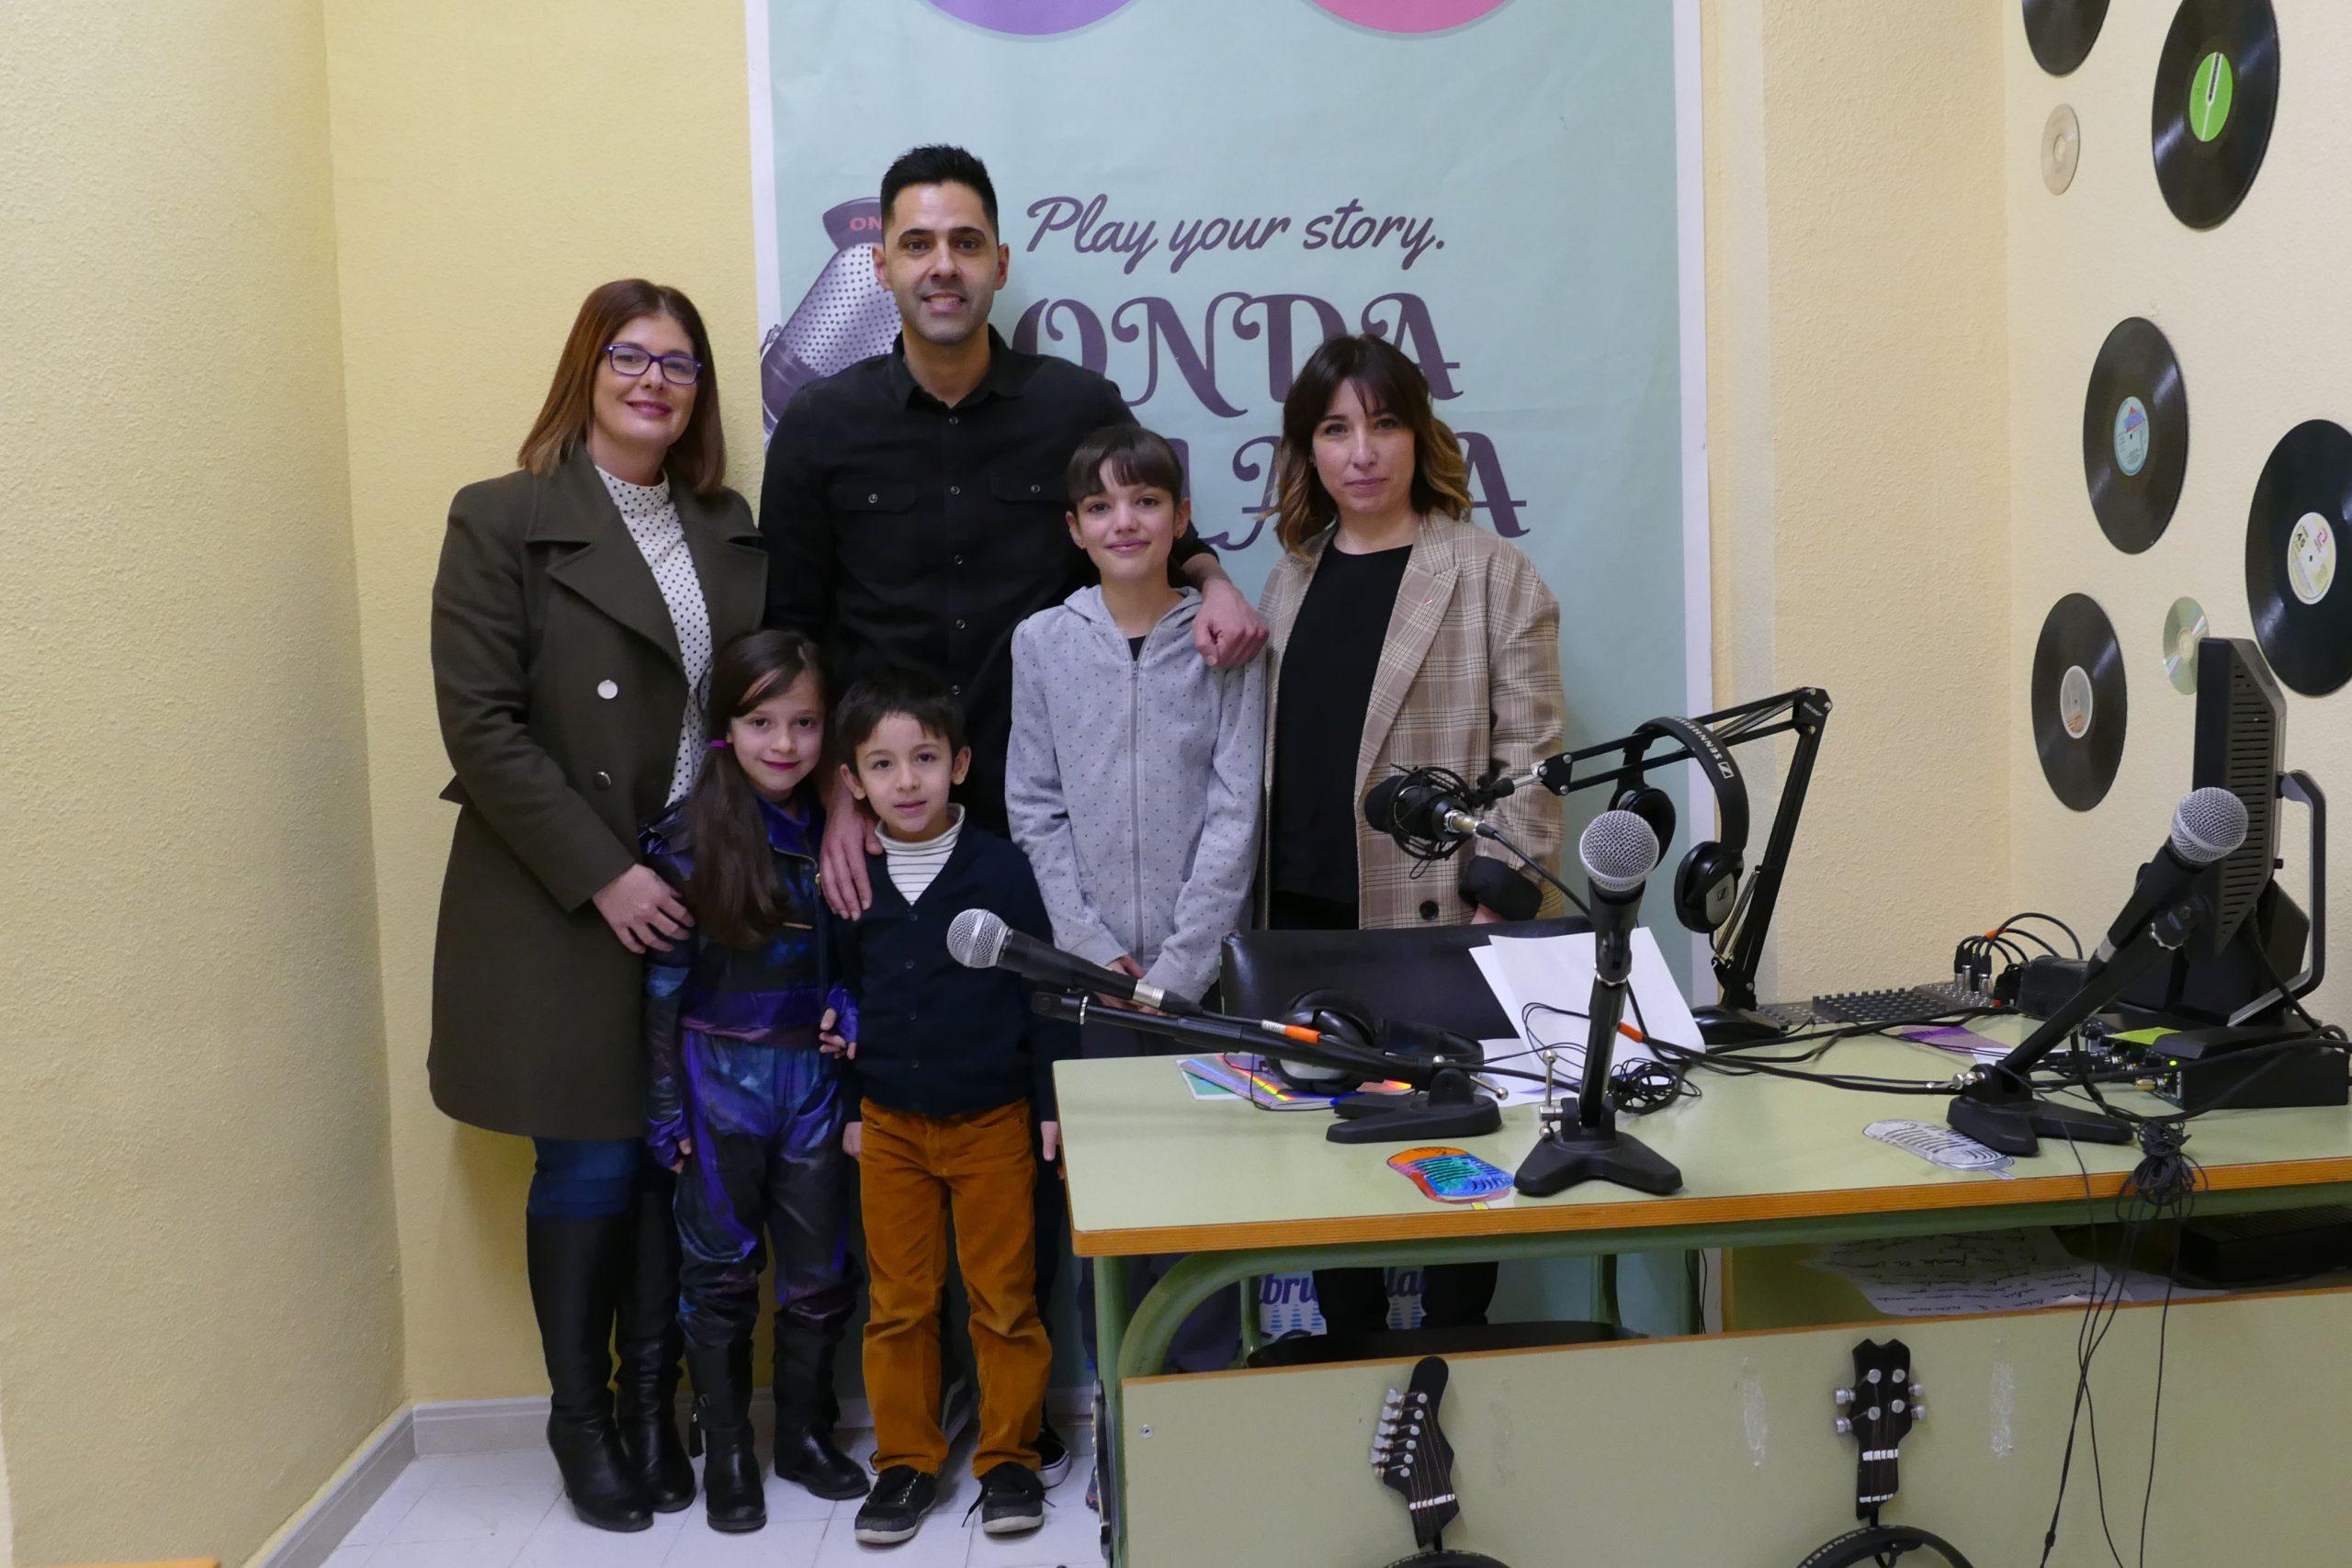 La Alcaldesa visita el taller de radio de los alumnos del CEIP Gabriel Celaya